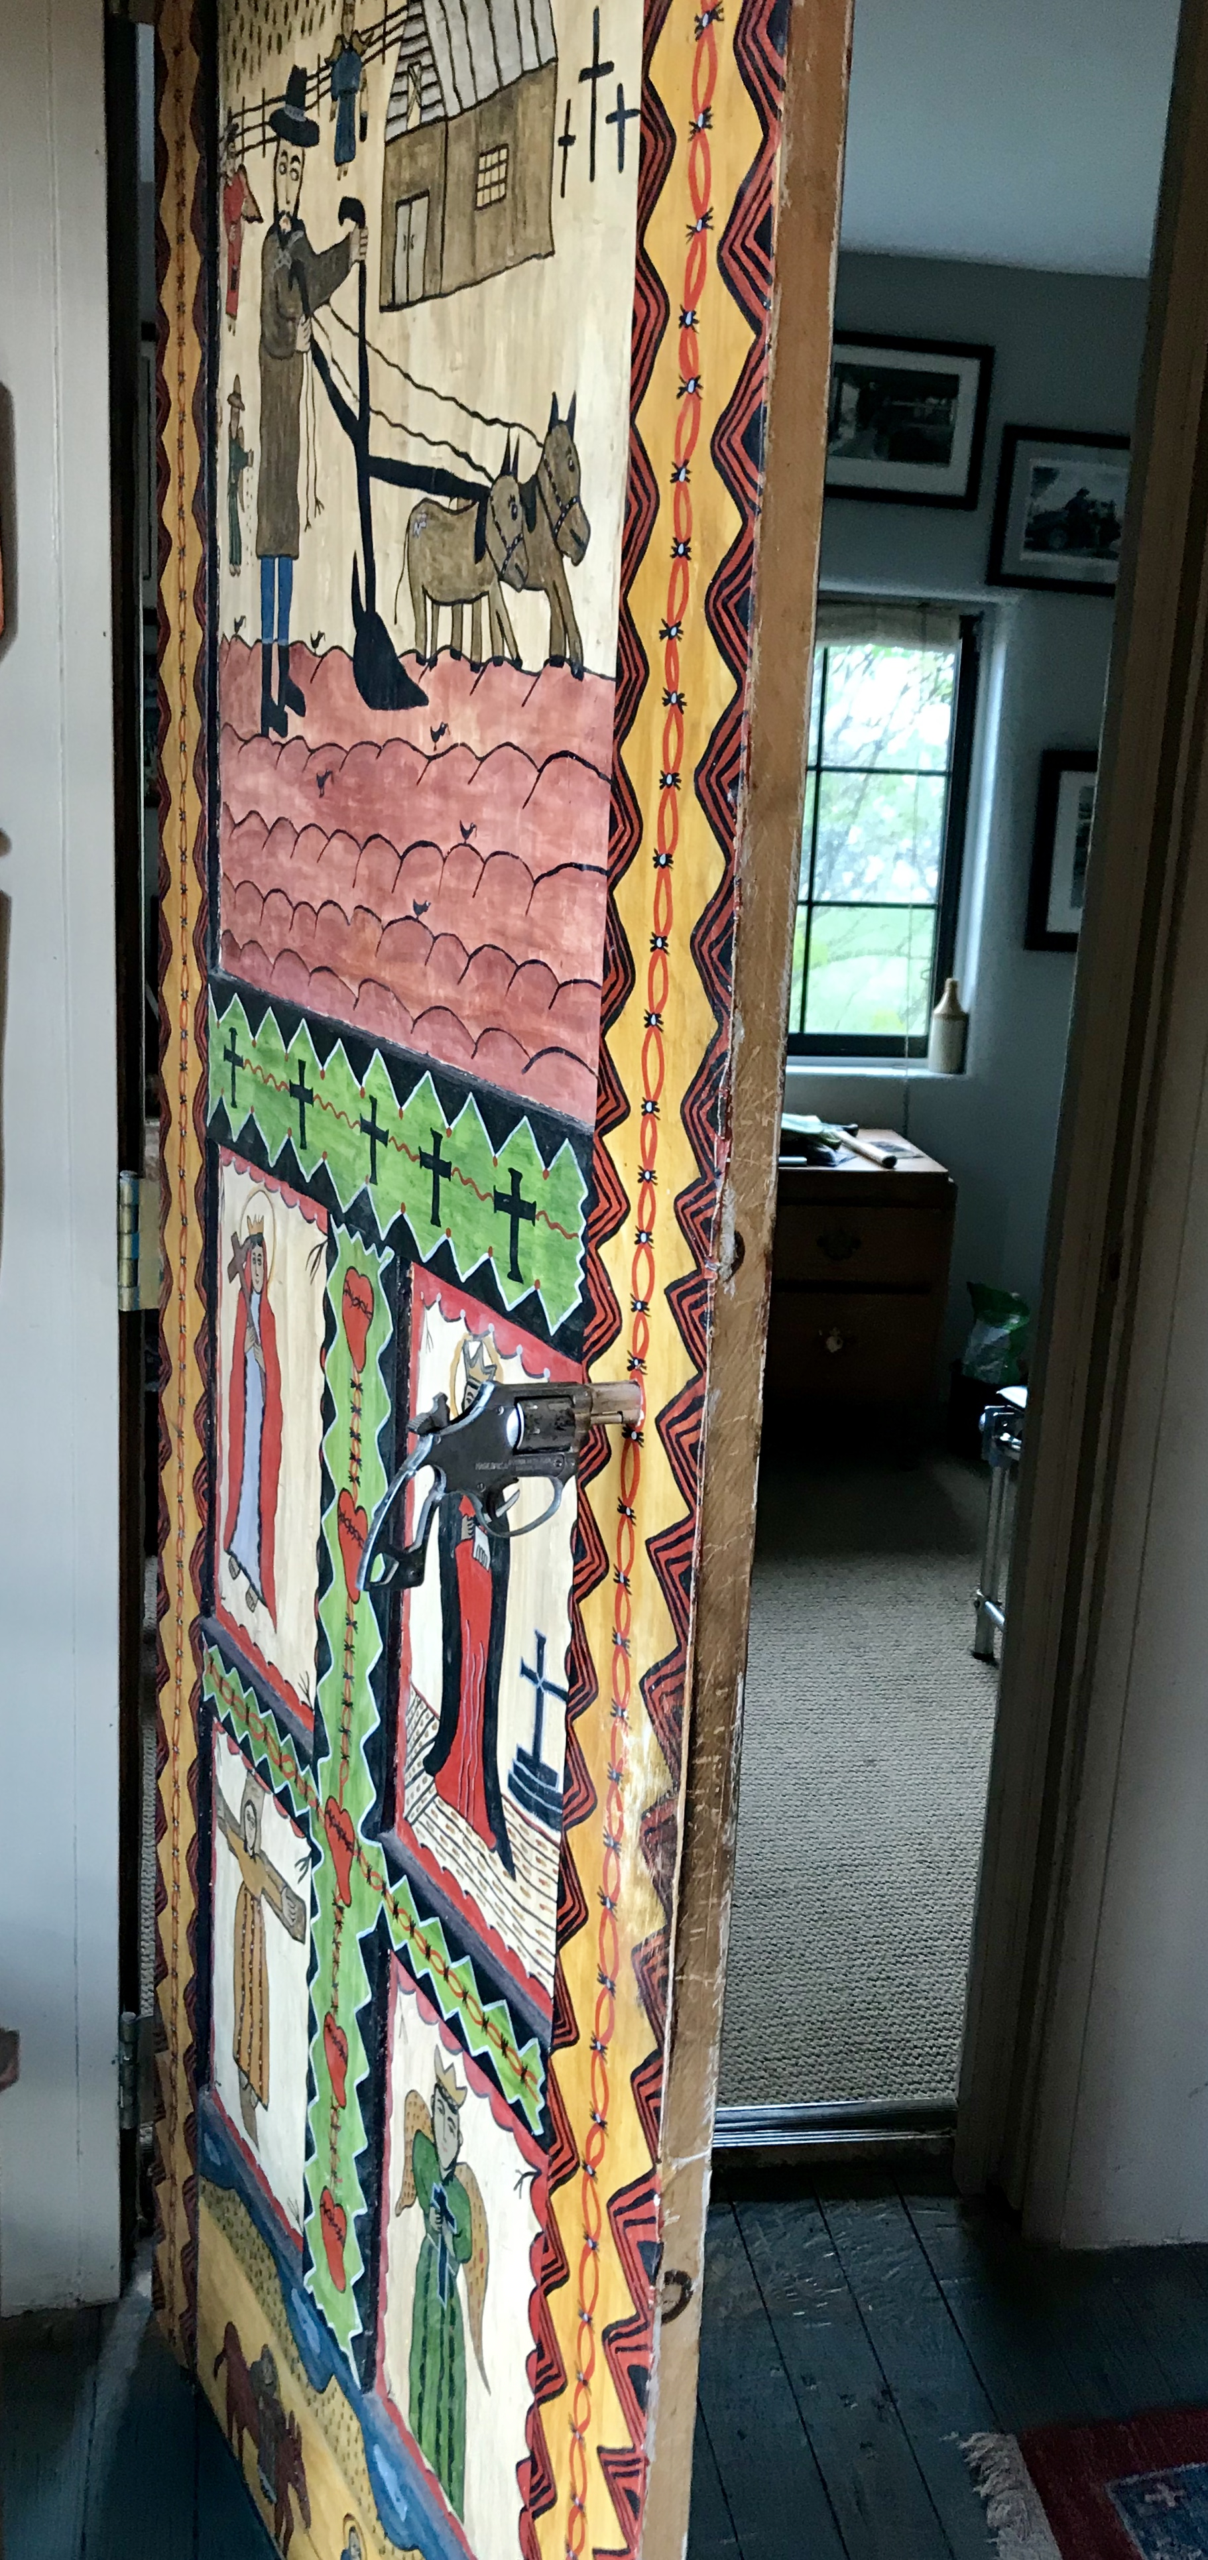 Outsider Art in Interior Design, New Mexico Folk Art in Interior Design, Santeros in Interior Design, New Mexican Bultos, New Mexican Retablos, New Mexican Santos, New Mexican Santero